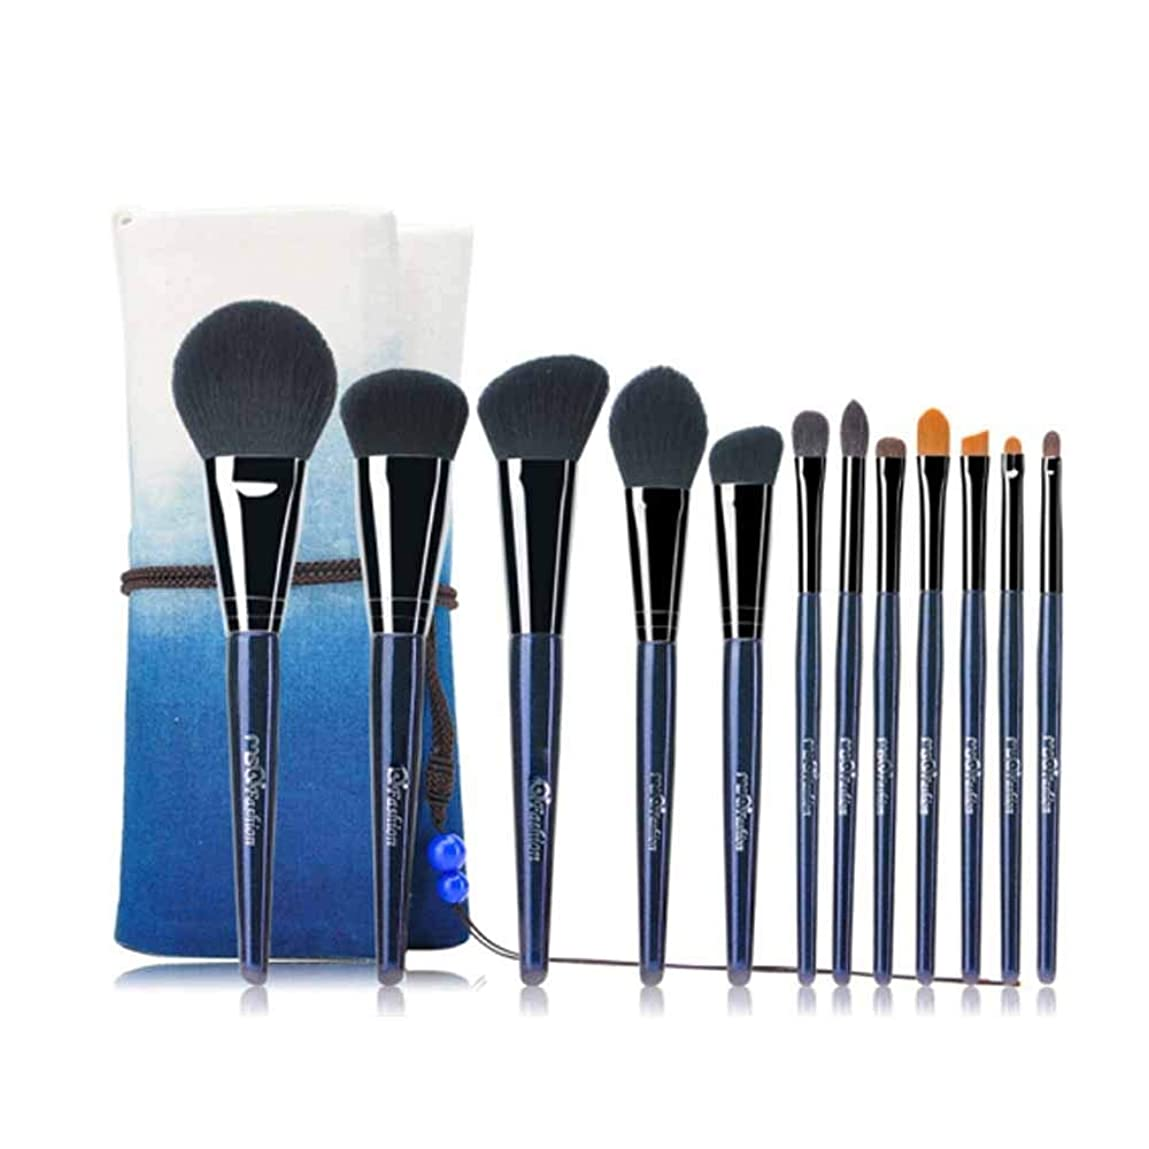 れる上記の頭と肩テレビを見るJinfengtongxun 化粧ブラシ、12個の化粧ブラシセット、化粧ブラシのフルセット、収納袋付き、初心者用化粧ブラシセット,美しい包装 (Color : Blue)